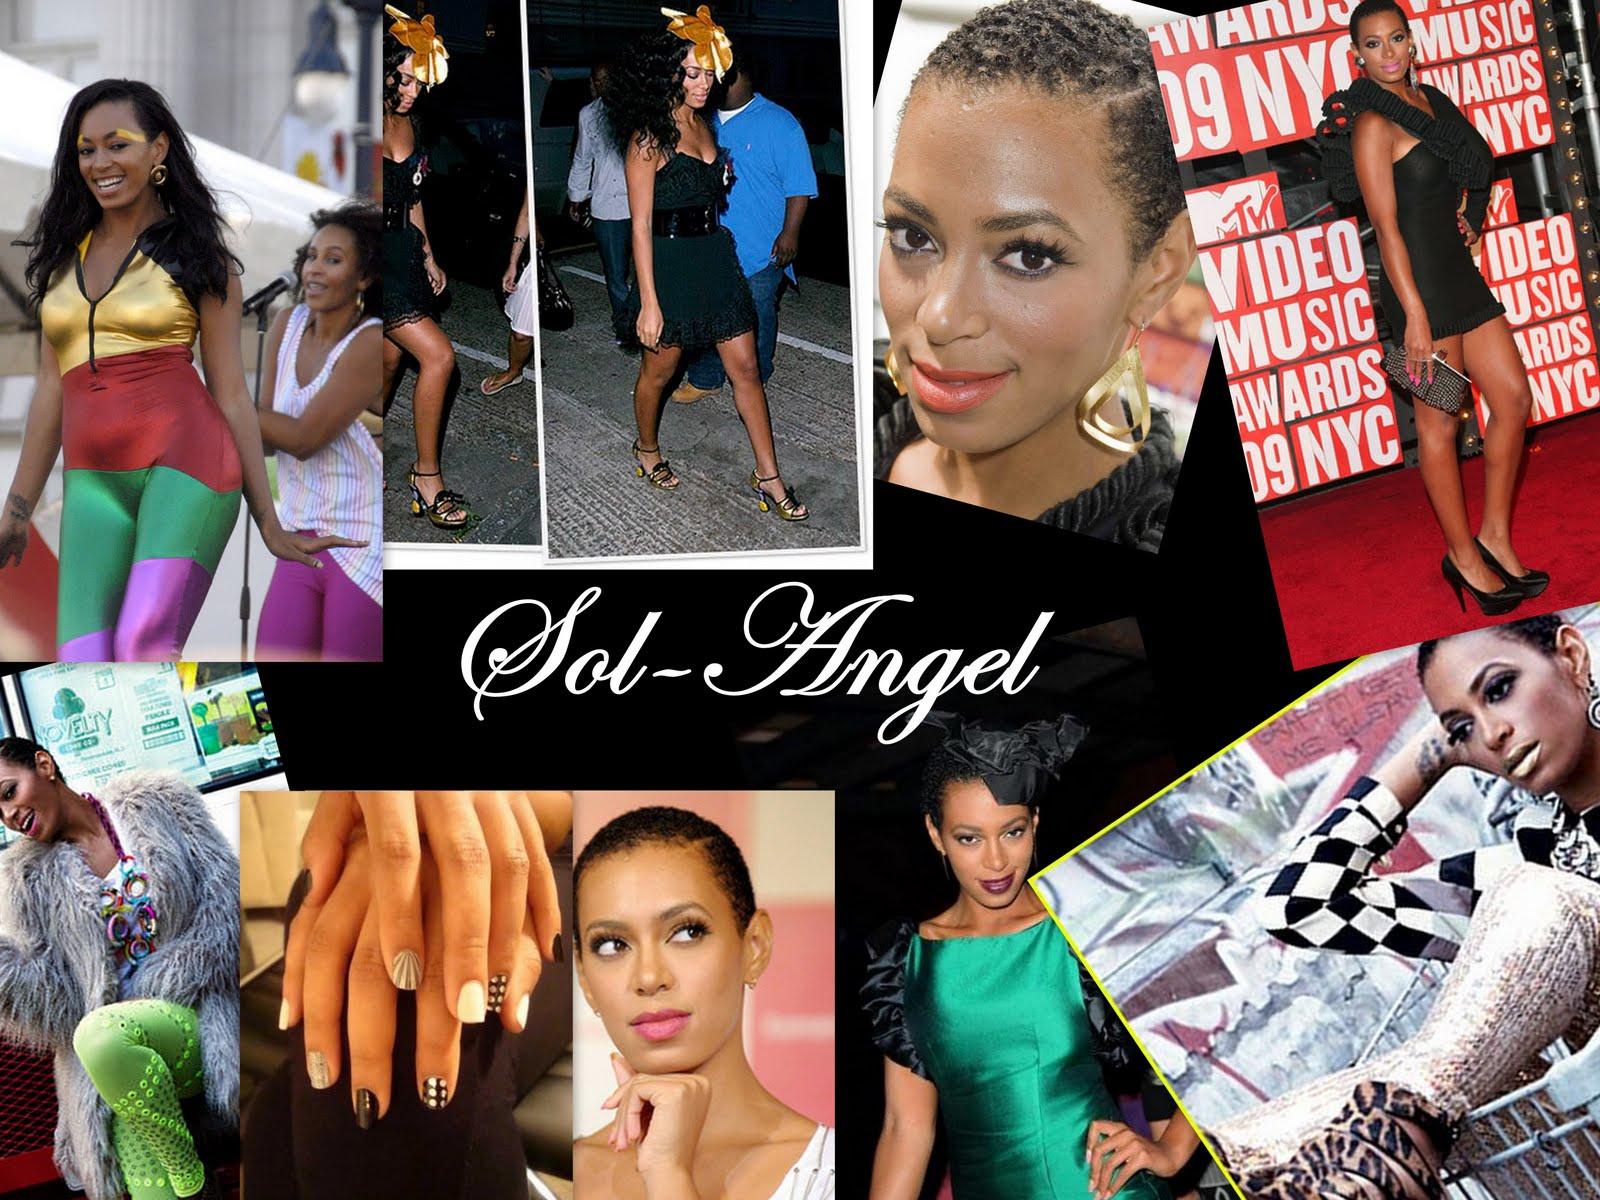 http://1.bp.blogspot.com/_VJJvMjtGpJ4/S9R5qruMaHI/AAAAAAAAAiI/aYVJCoKiyC4/s1600/Clothes+Make+The+Music+7.jpg